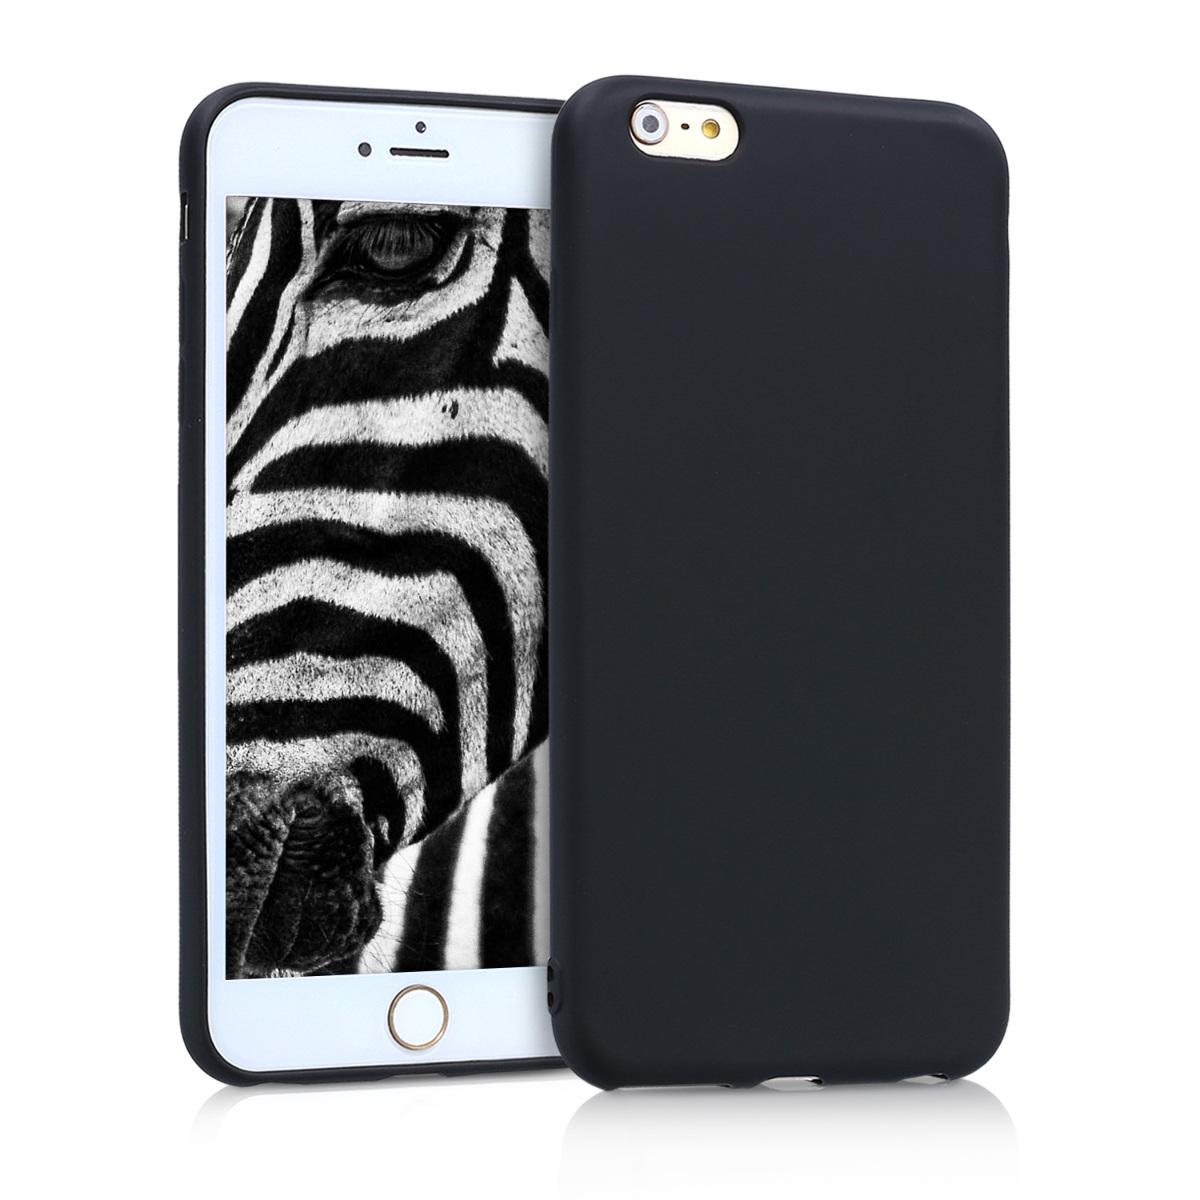 Kvalitní silikonové TPU pouzdro pro Apple iPhone 6 Plus / 6S - Metallic Black